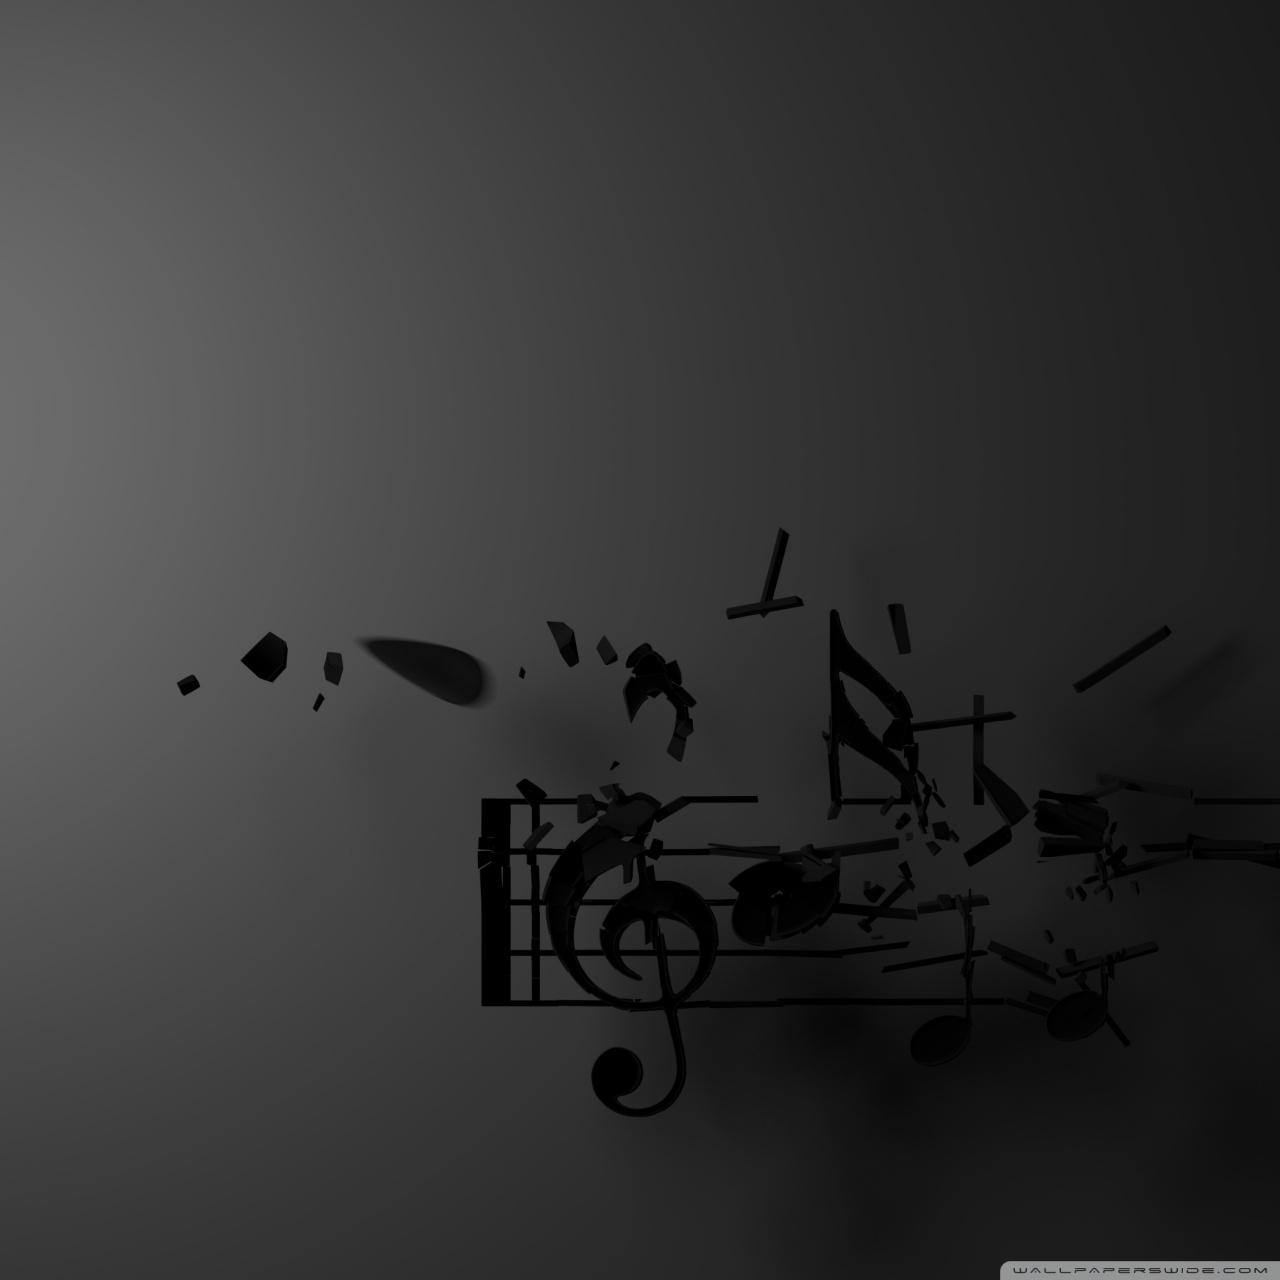 Music Wallpaper 4k 1280x1280 Wallpaper Teahub Io